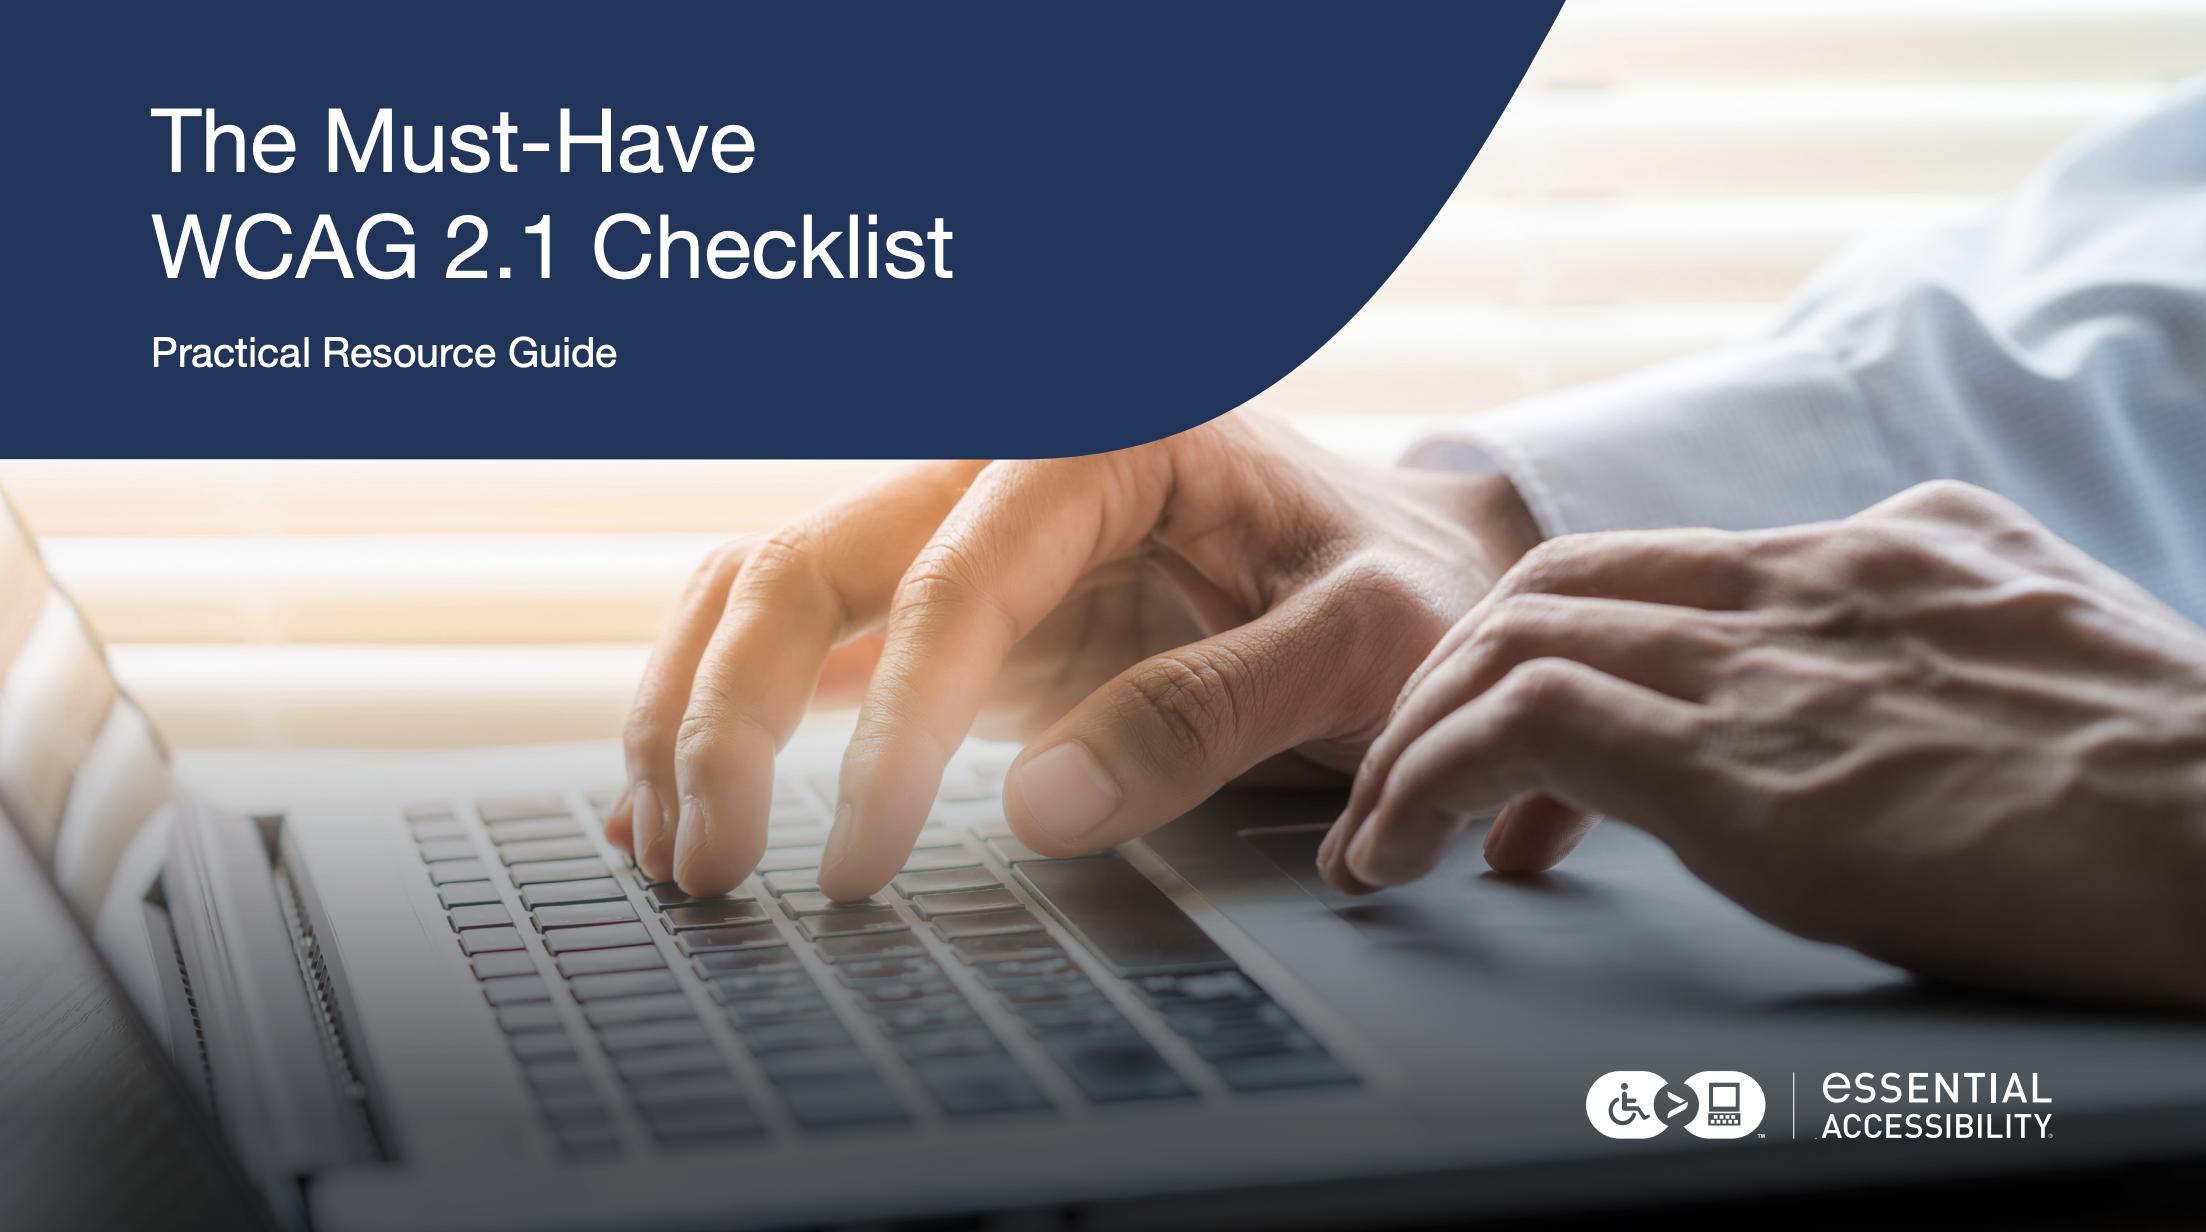 WCAG 2.1 Checklist